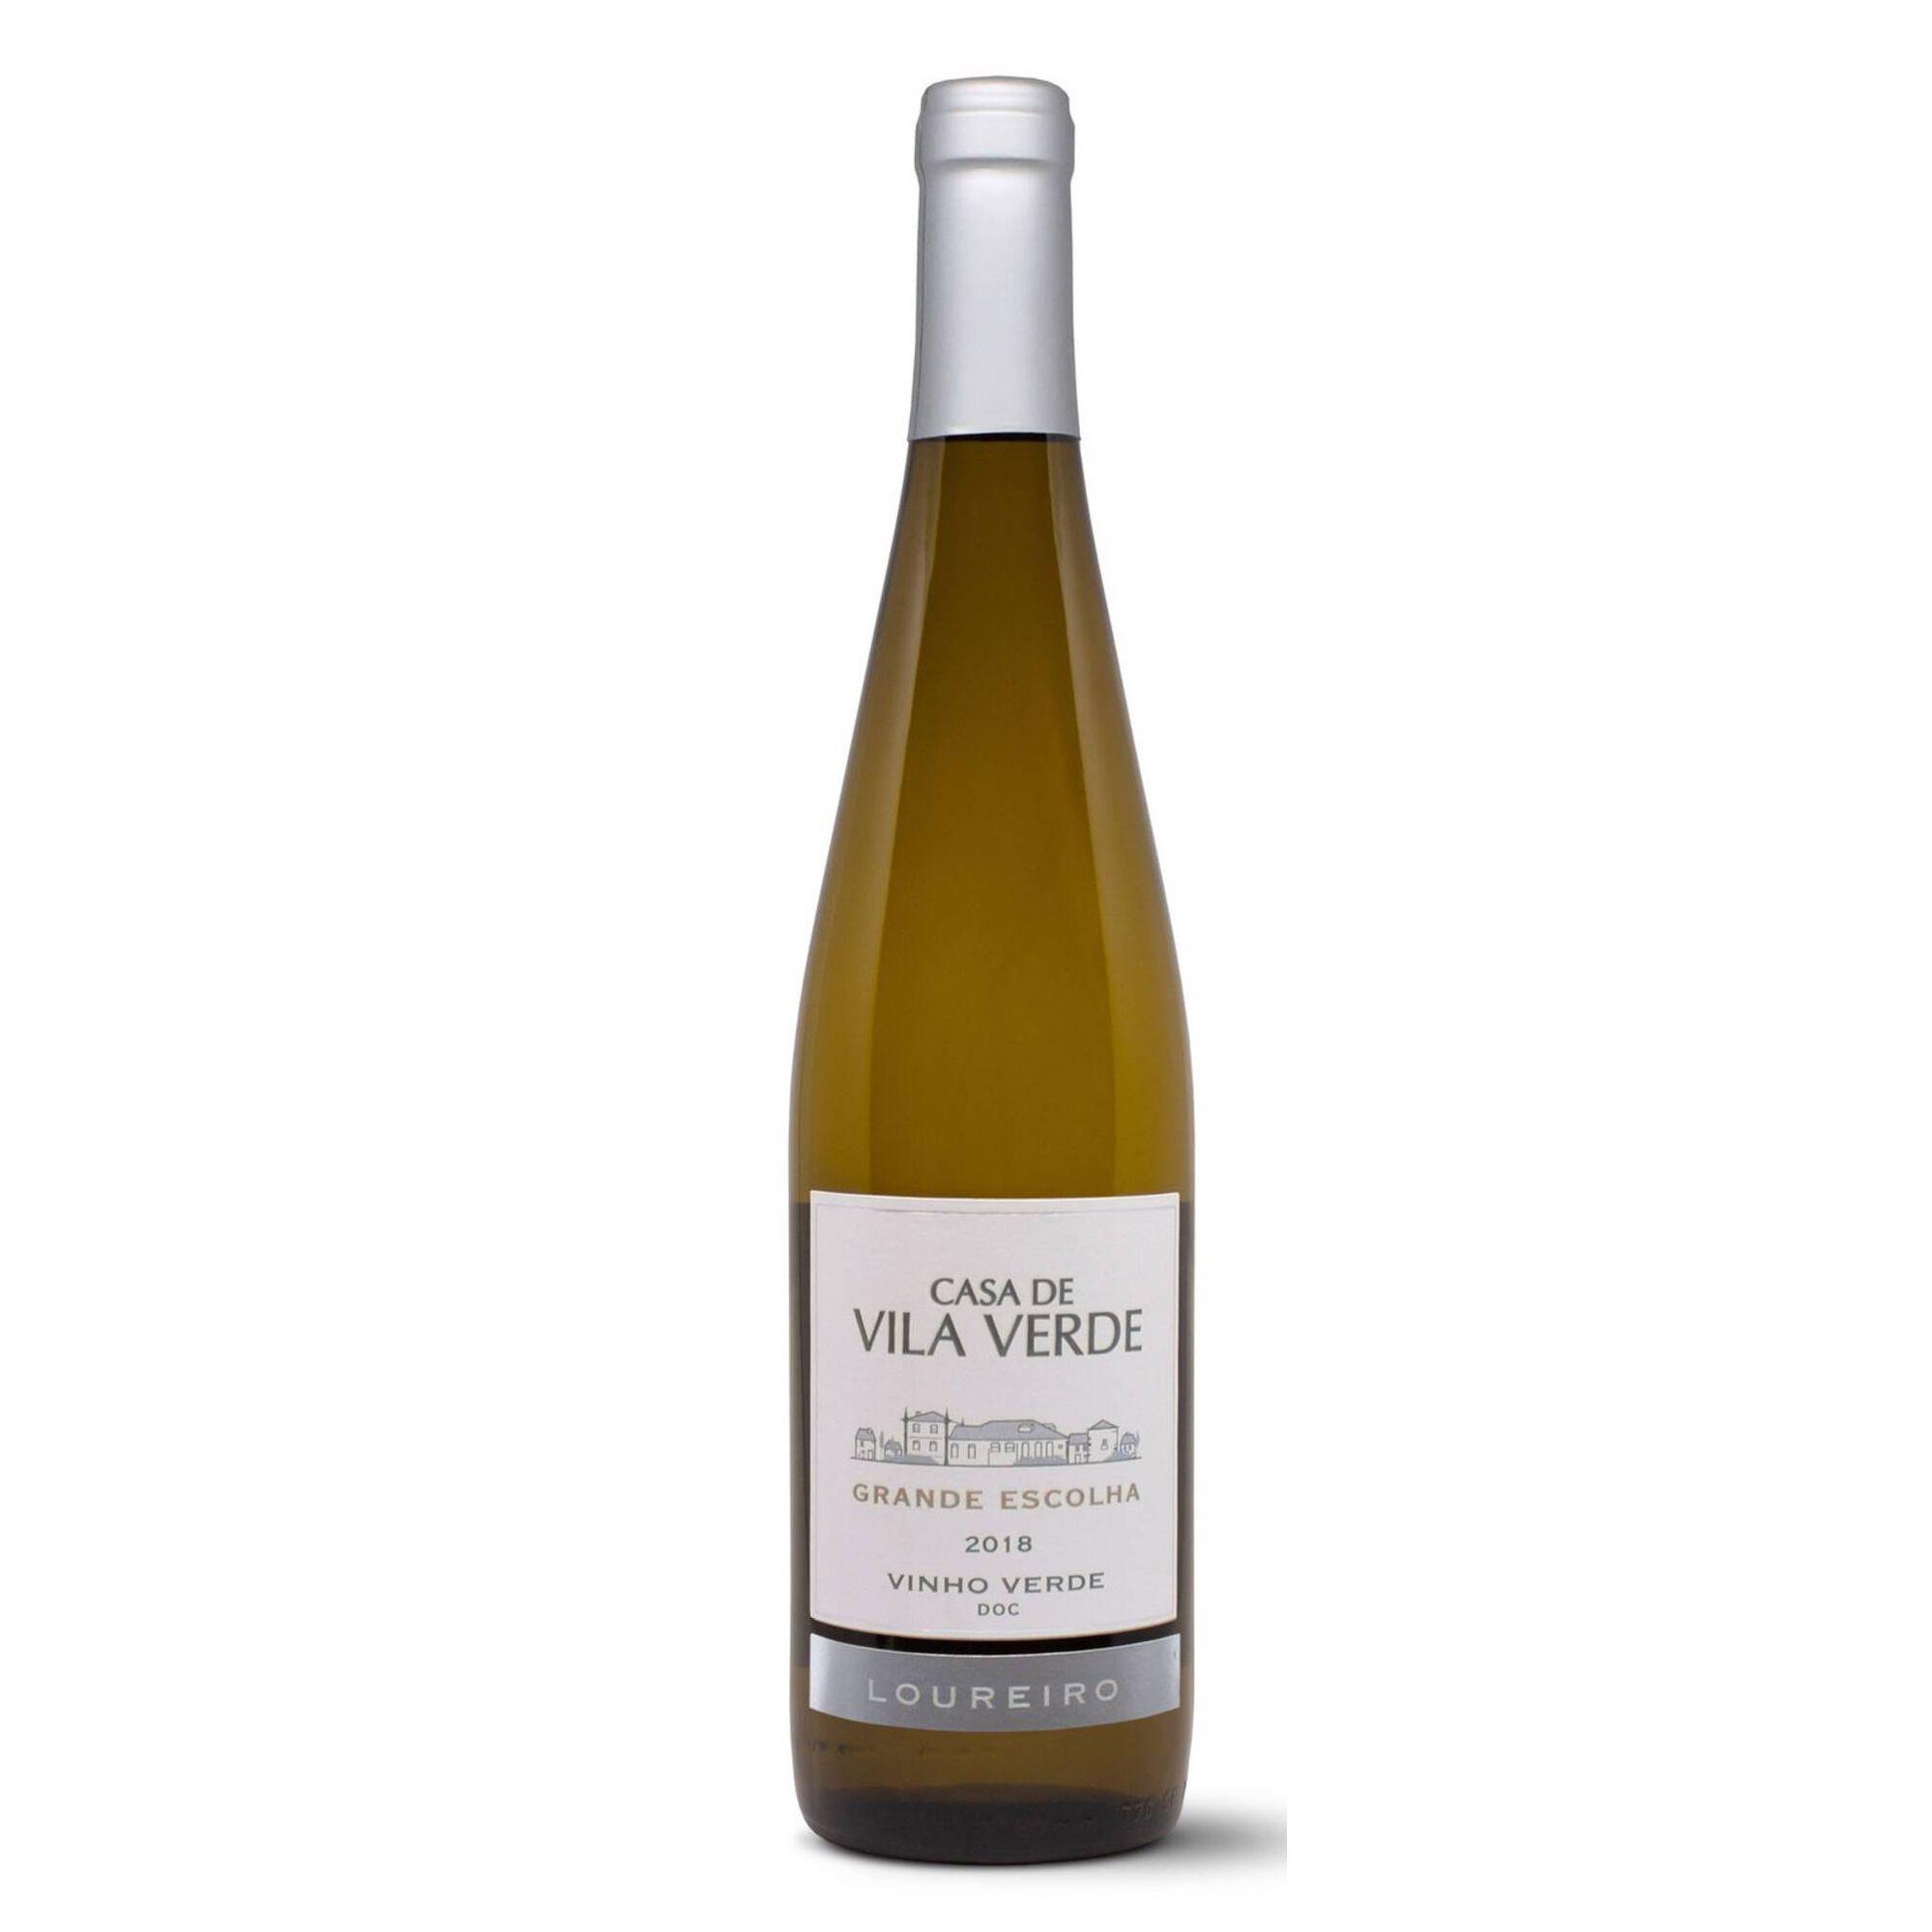 Casa de Vila Verde Loureiro Grande Escolha DOC Vinho Verde Branco